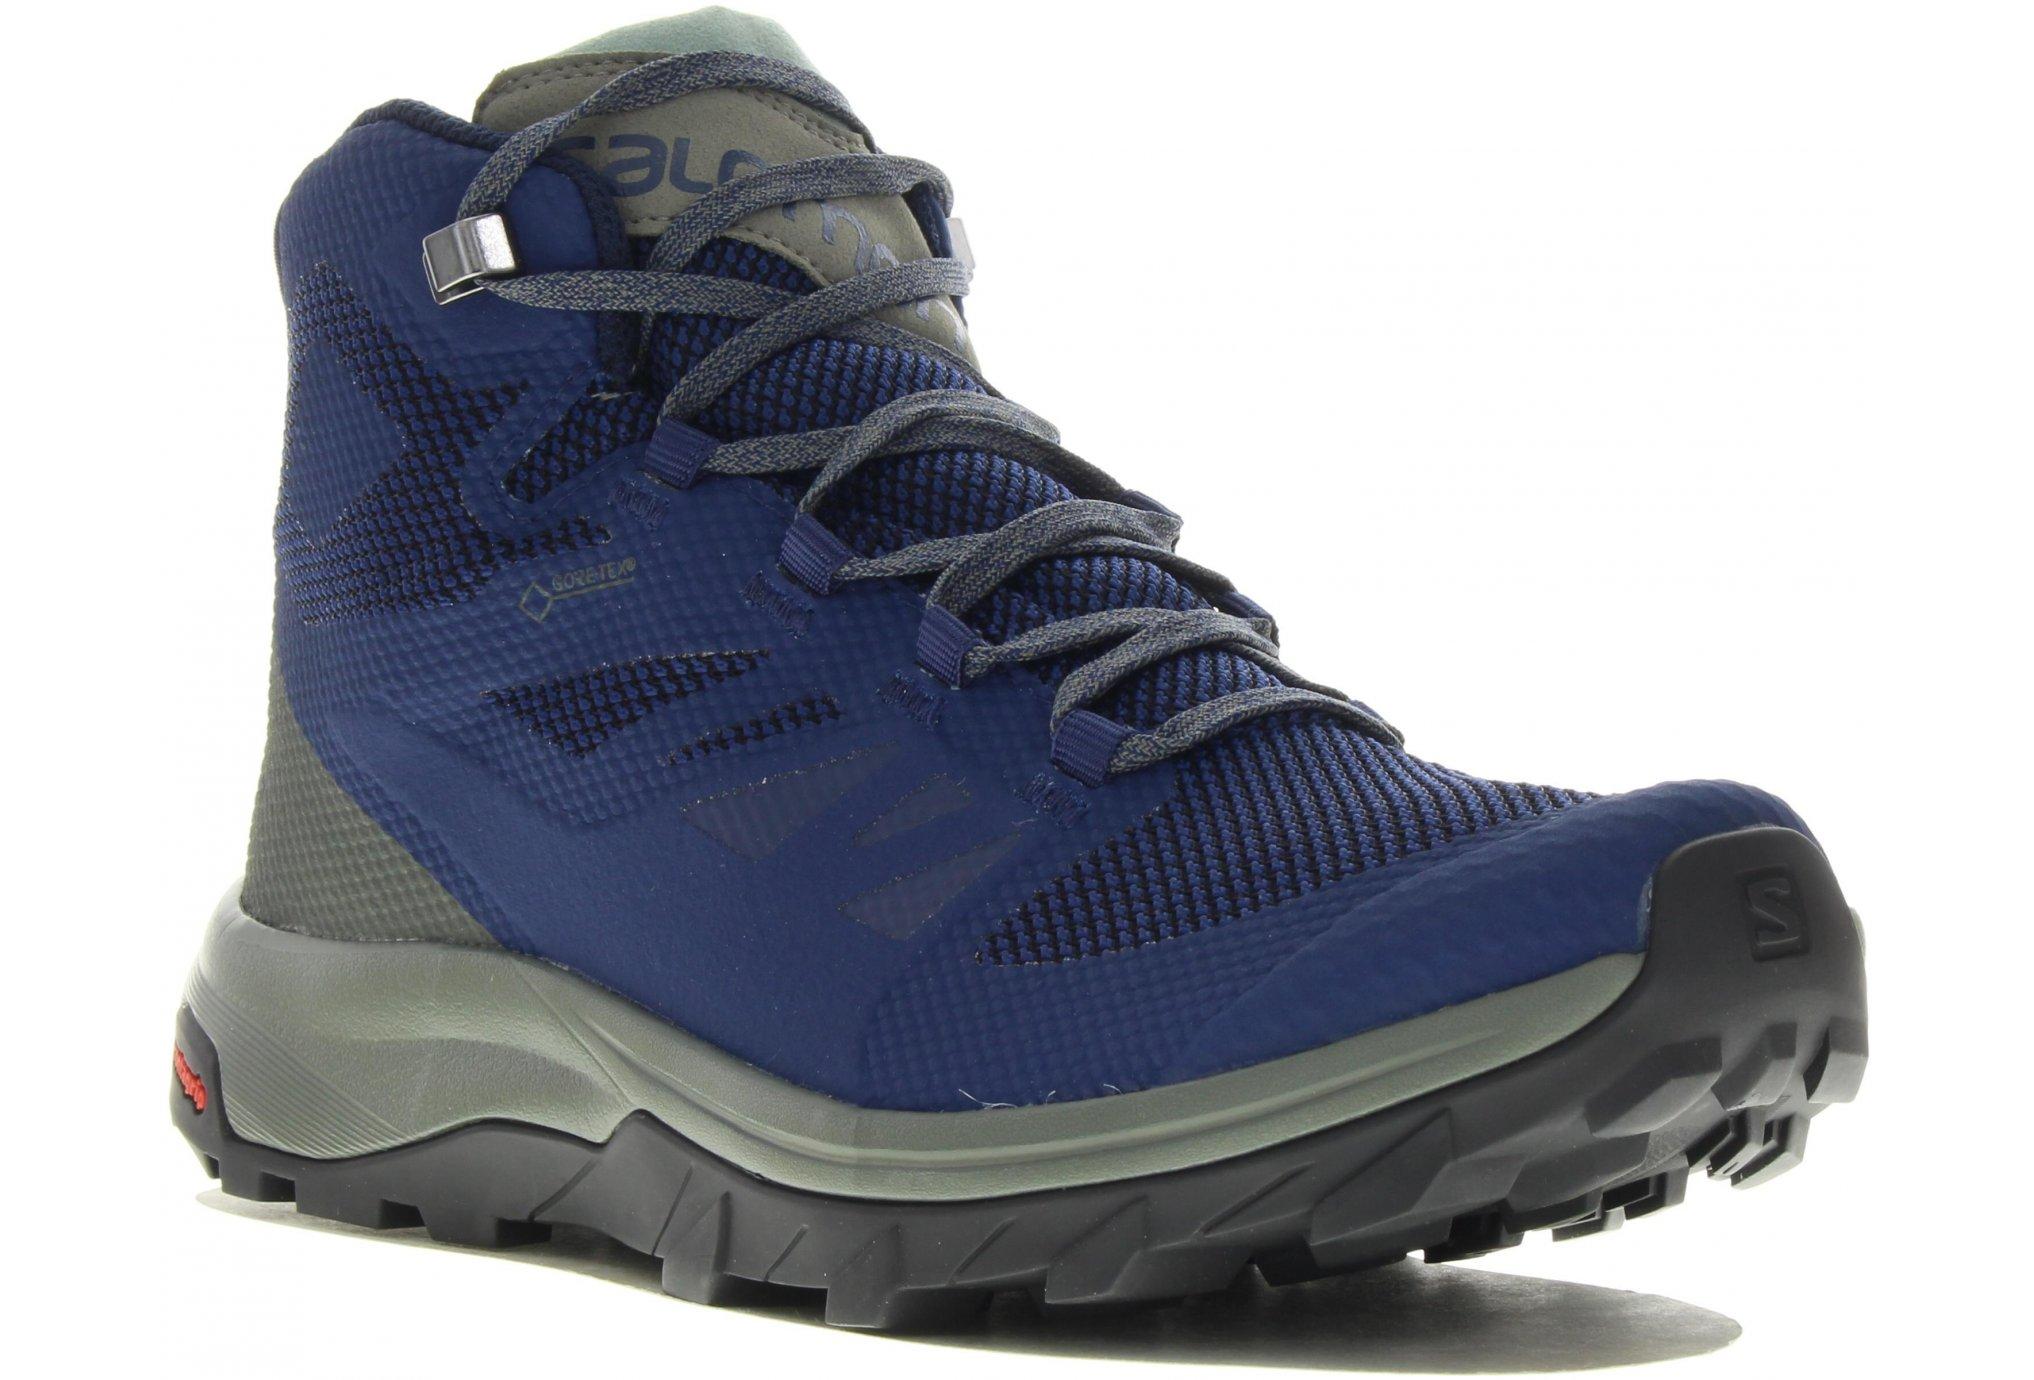 e58f6d209f4 Achat de chaussures de sport Salomon pas cher